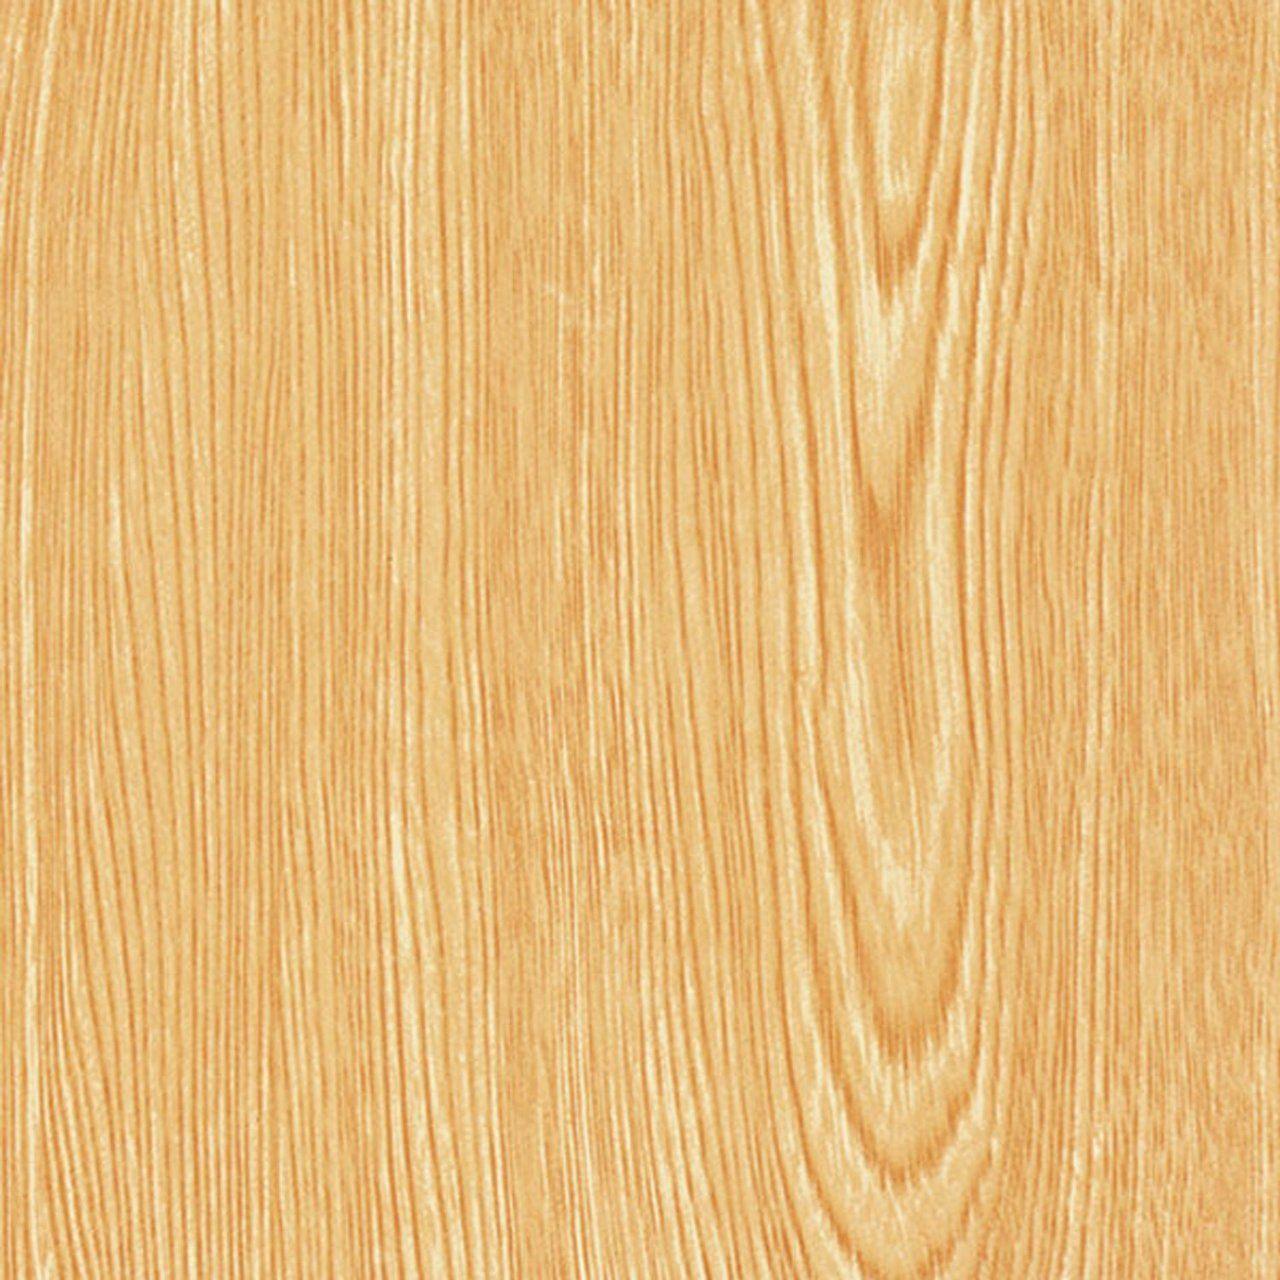 Golden Oak Contact Paper Golden Oak Wood Vinyl Shelf Wood Adhesive